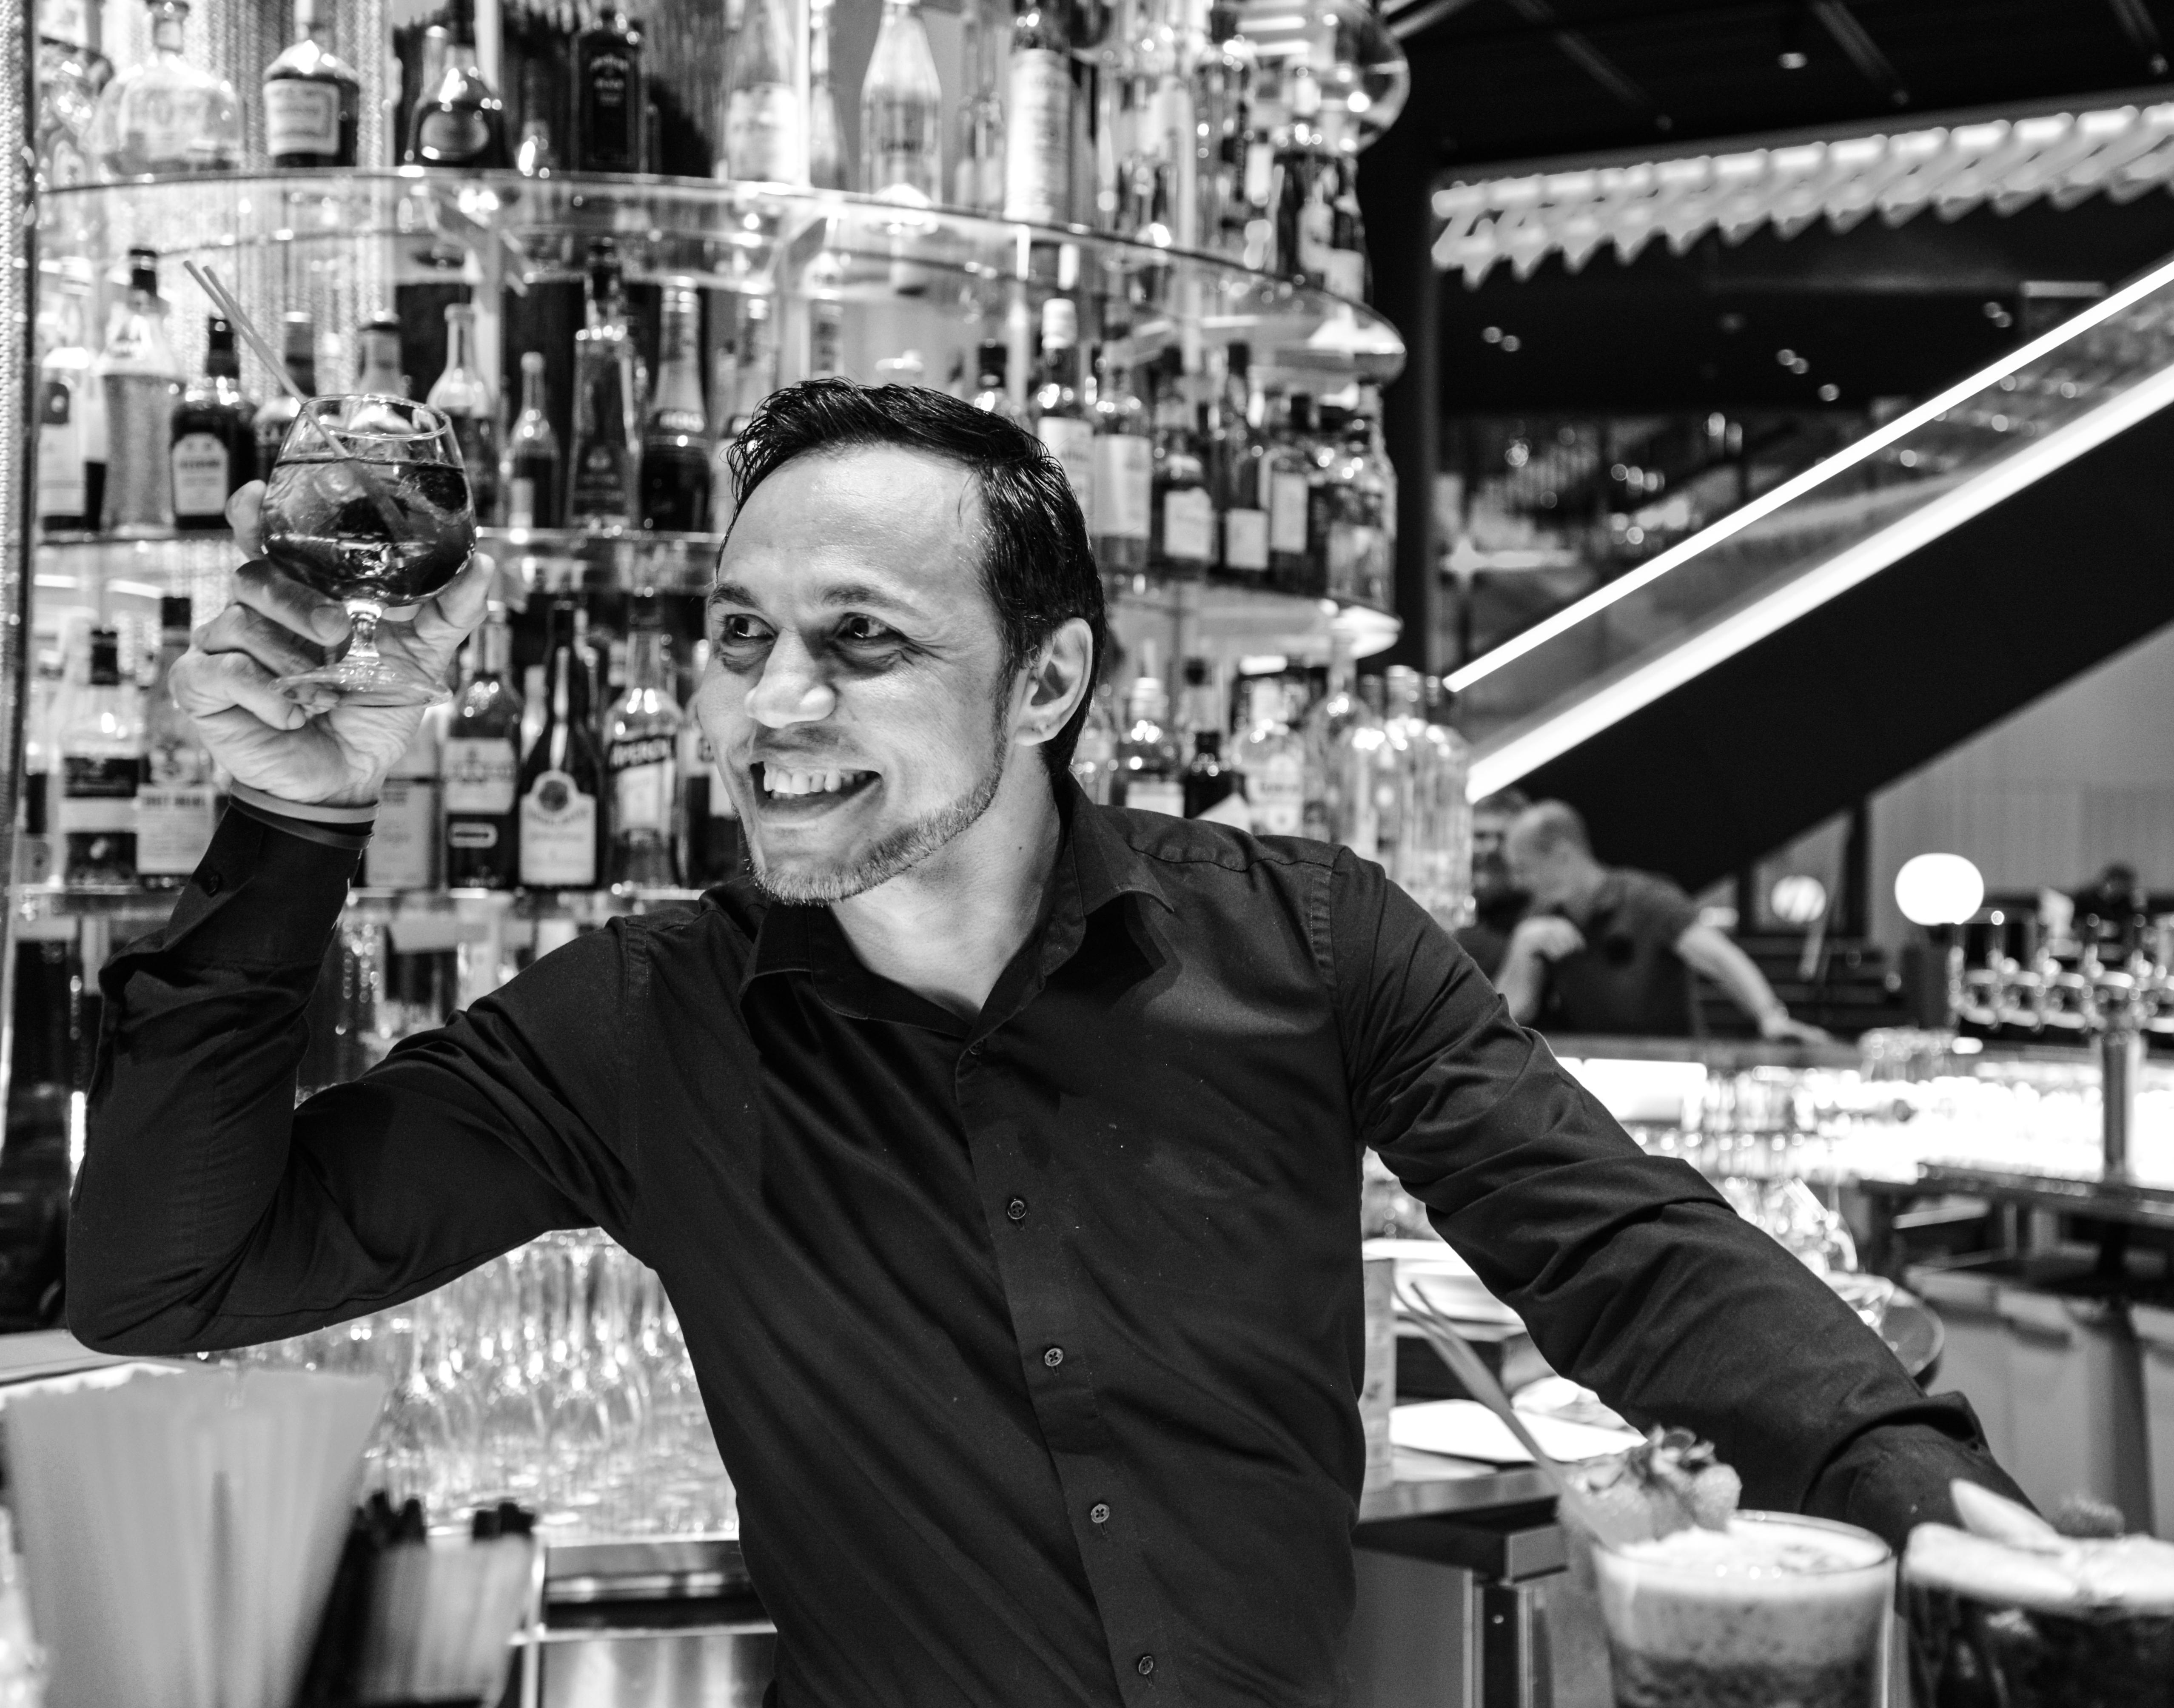 Årets-lakritsdrink_Liquorice-Choice_av-Ángel-Pena-på-Quality-Hotel-Globe1